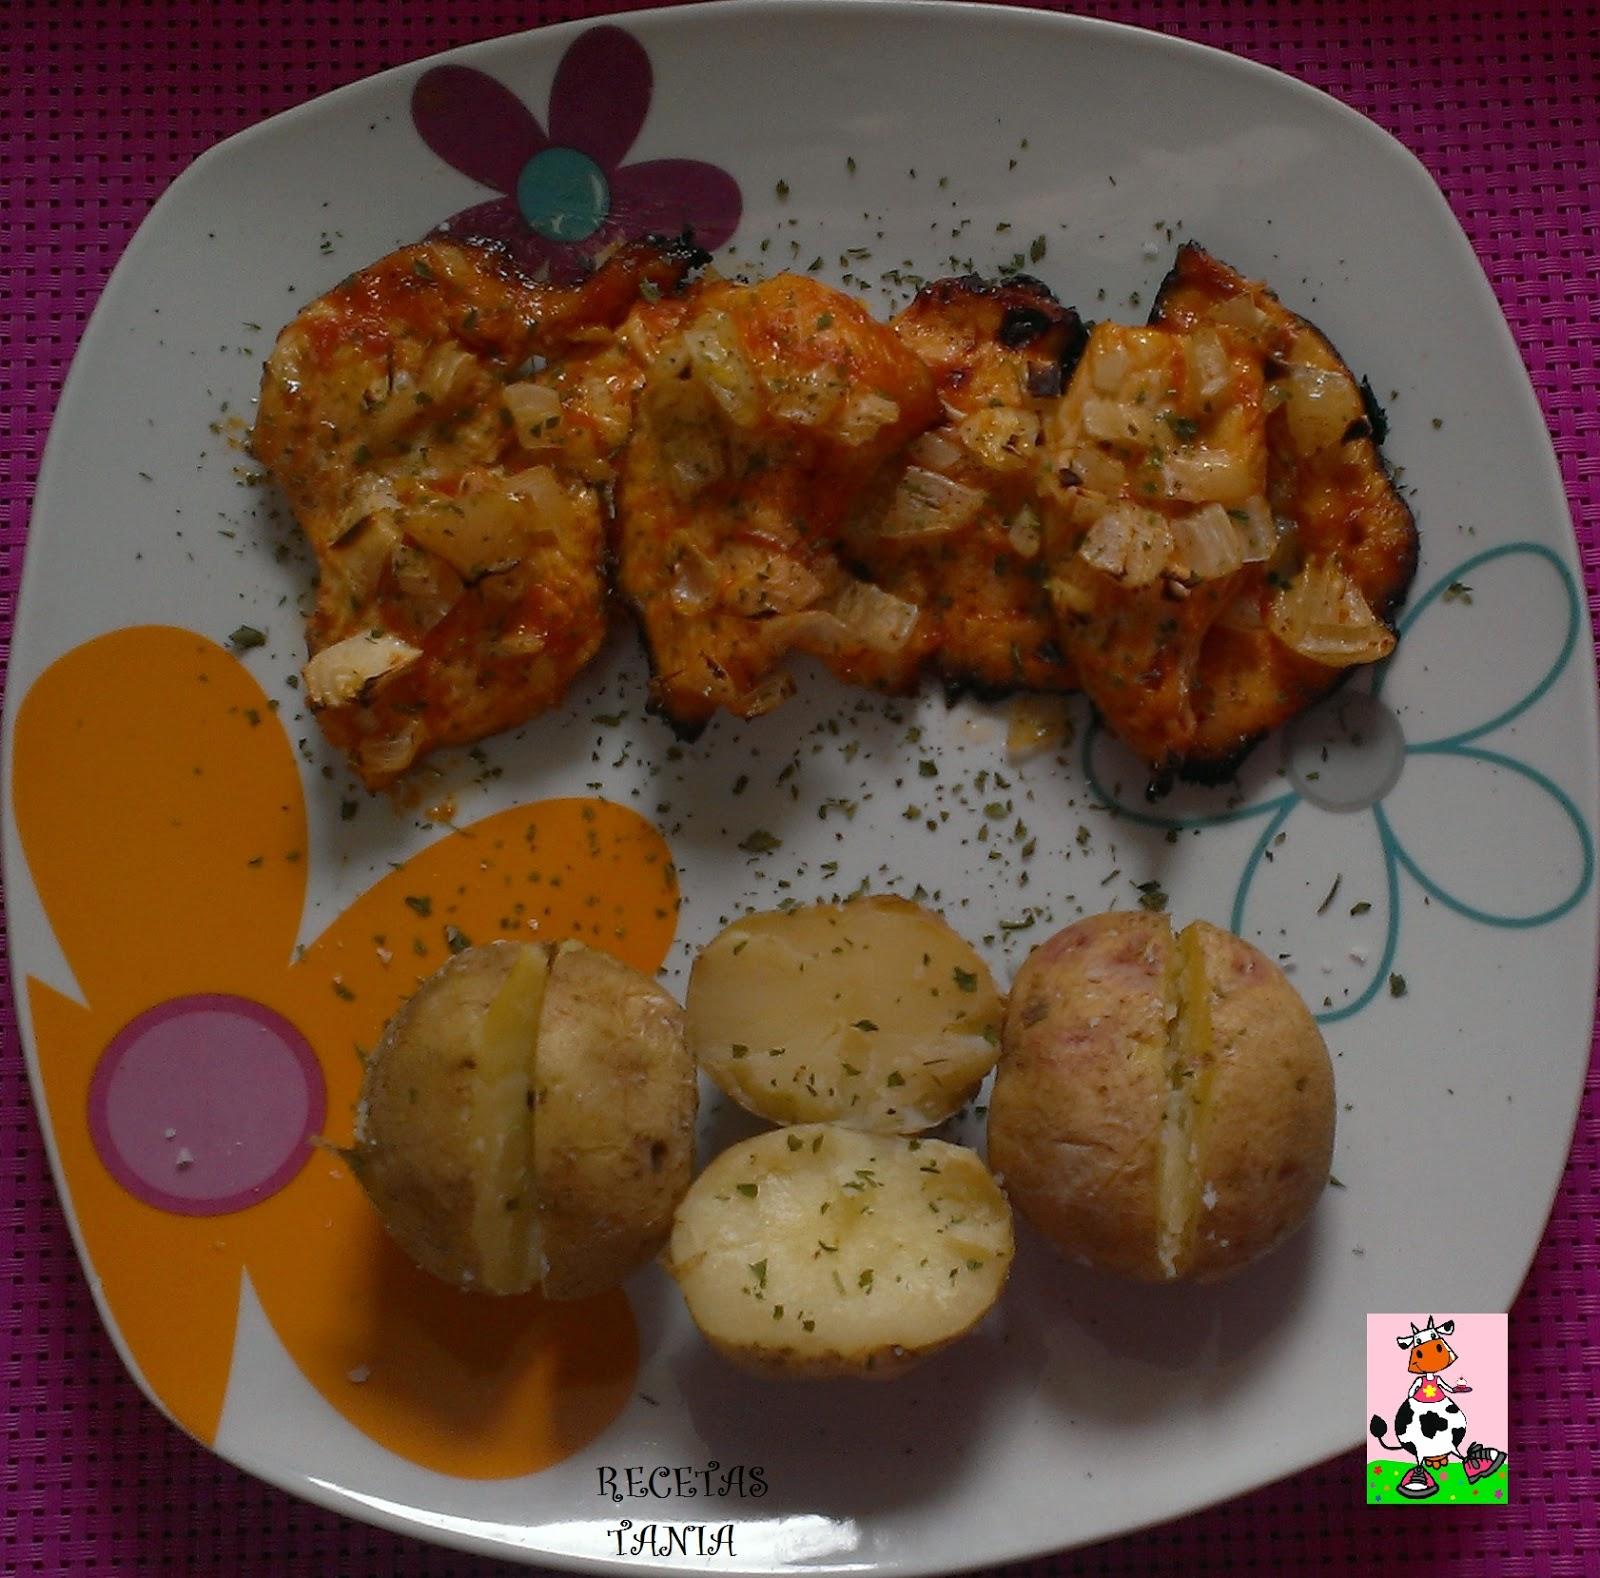 Recetas tania pechuga de pollo con salsa barbacoa for Salsa barbacoa ingredientes